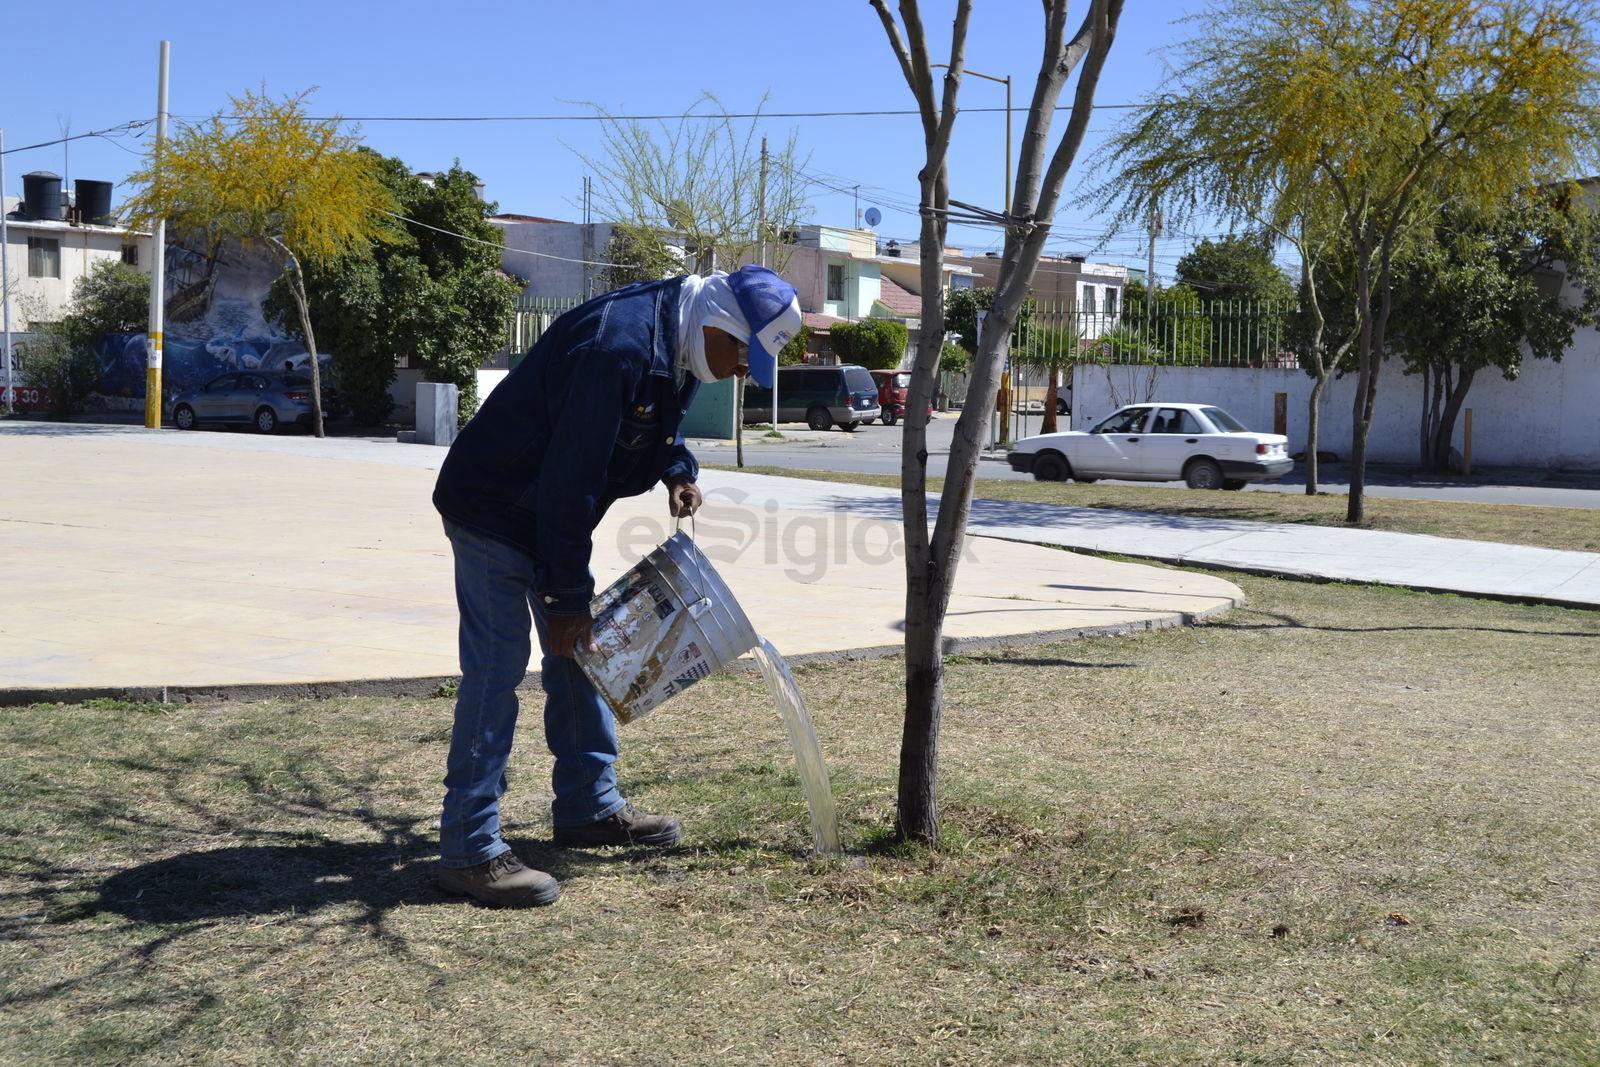 """Riegan 'a cubetazos'. Desde hace más de seis meses, los aspersores de la Línea Verde dejaron de funcionar y es fecha que no los han reparado. El personal a cargo del mantenimiento del parque riega los  árboles a """"cubetazos""""."""